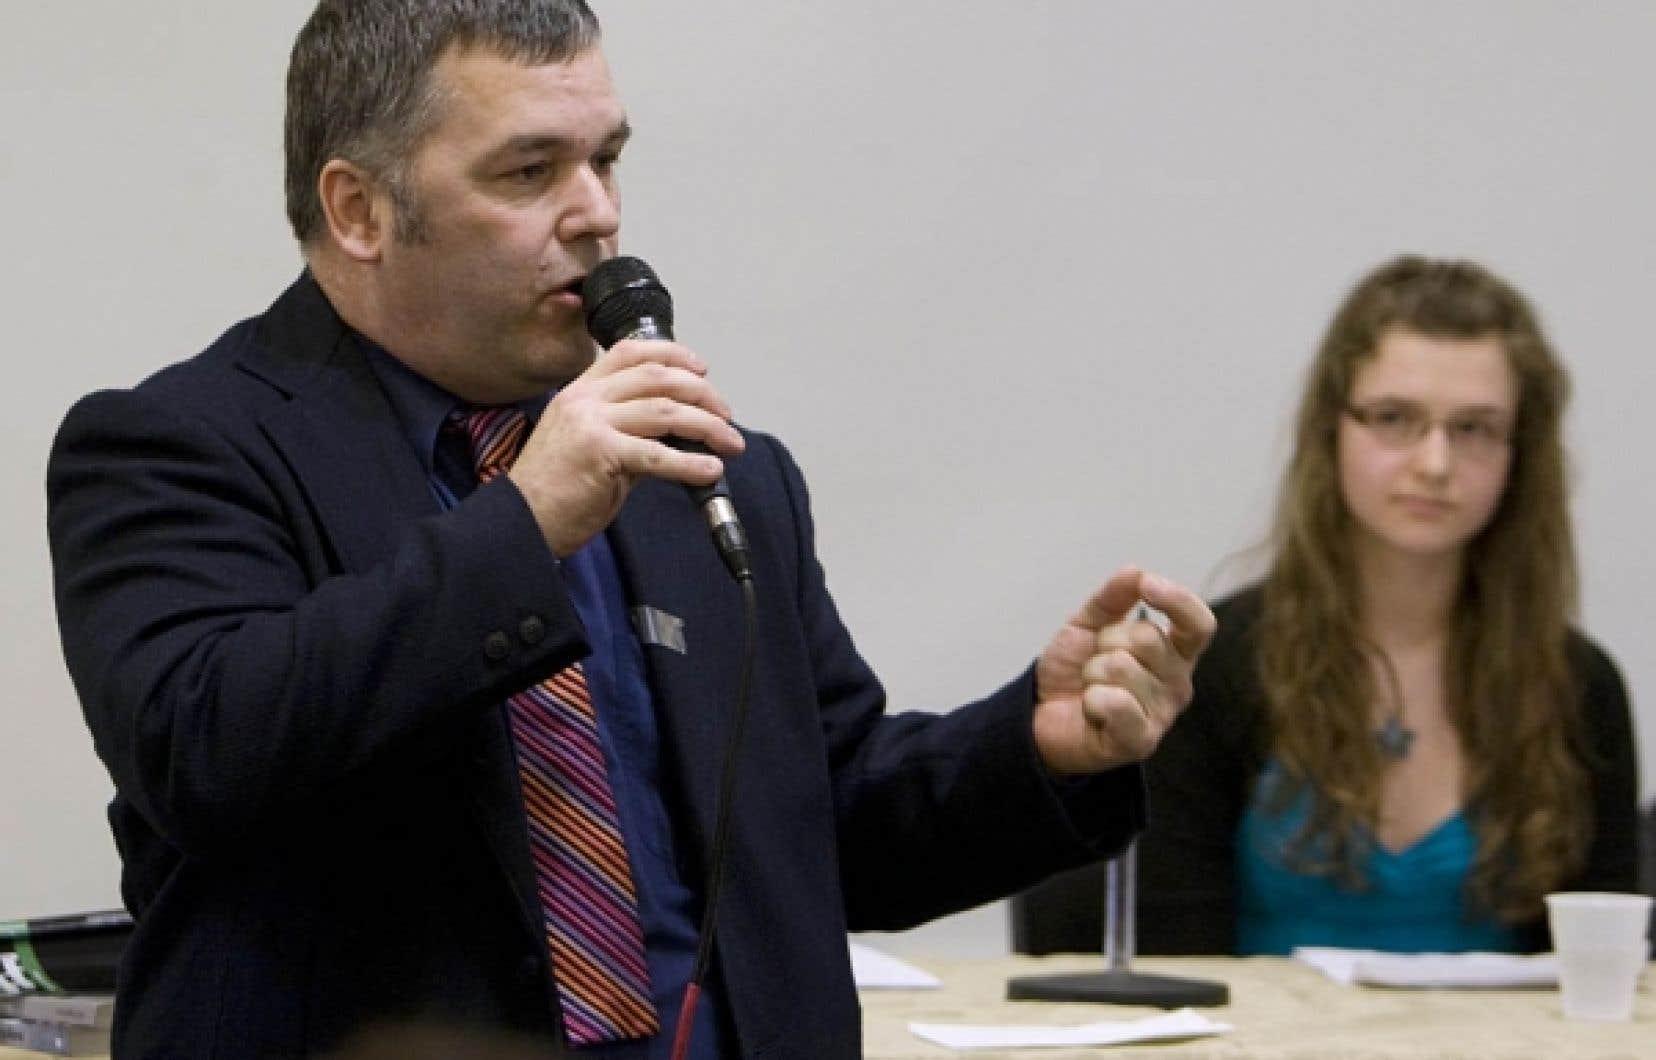 «Écologiste avant d'être souverainiste ou fédéraliste», comme il l'a indiqué à plusieurs reprises, M. Breton avait mordu la poussière en 2008 aux mains du bloquiste Thierry St-Cyr.